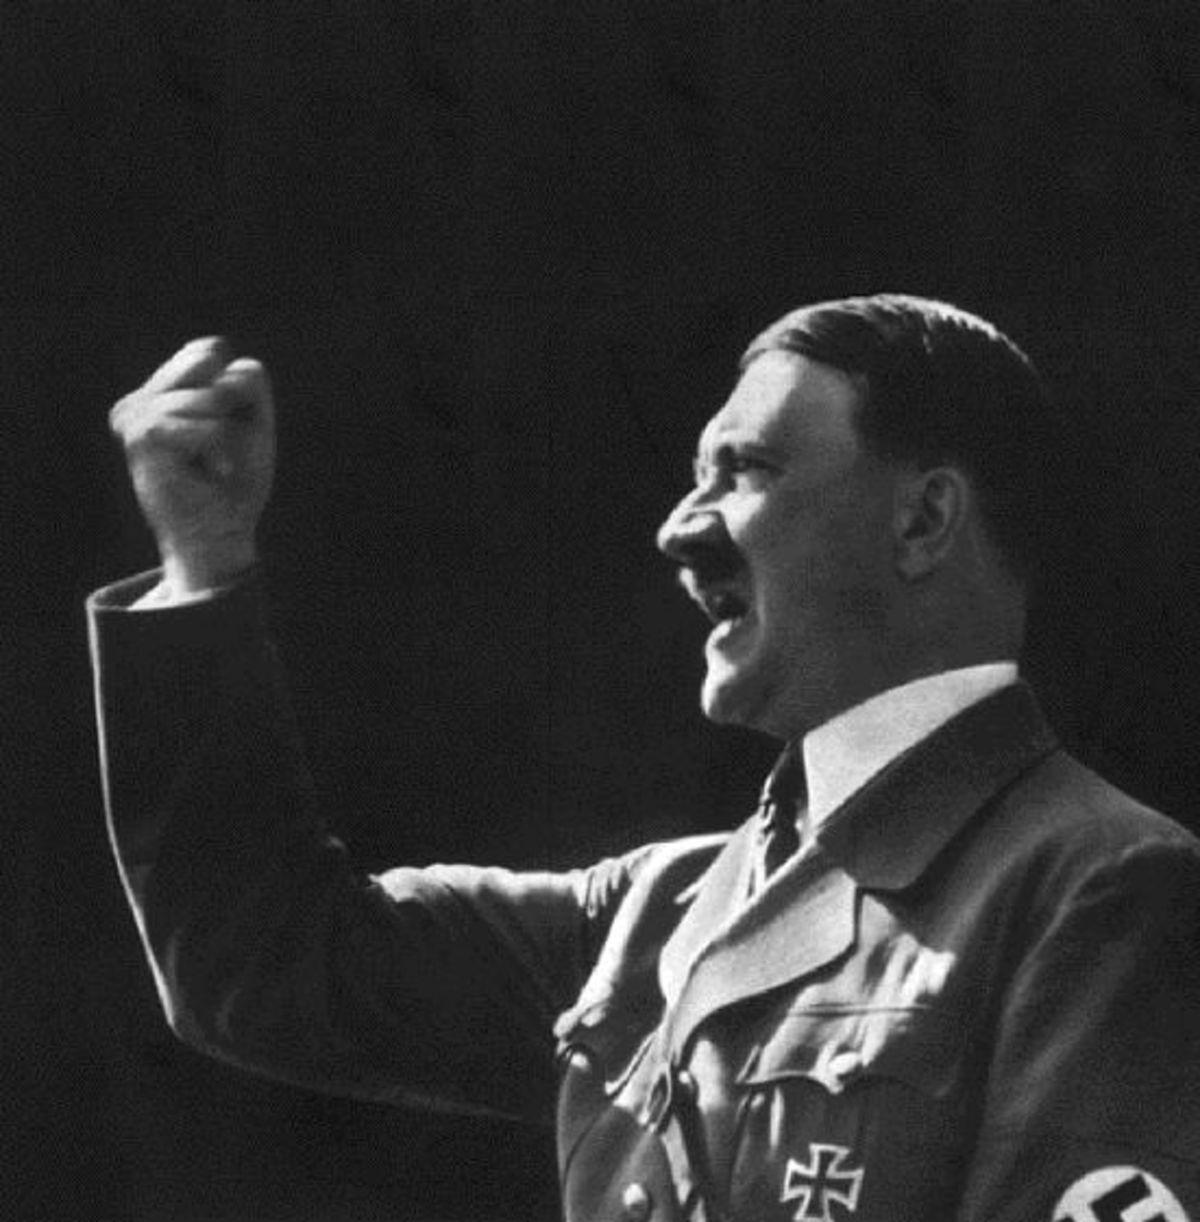 Γερμανικές αποζημιώσεις: Μ΄ ένα «κλικ» ζητήστε να μας δοθούν | Newsit.gr